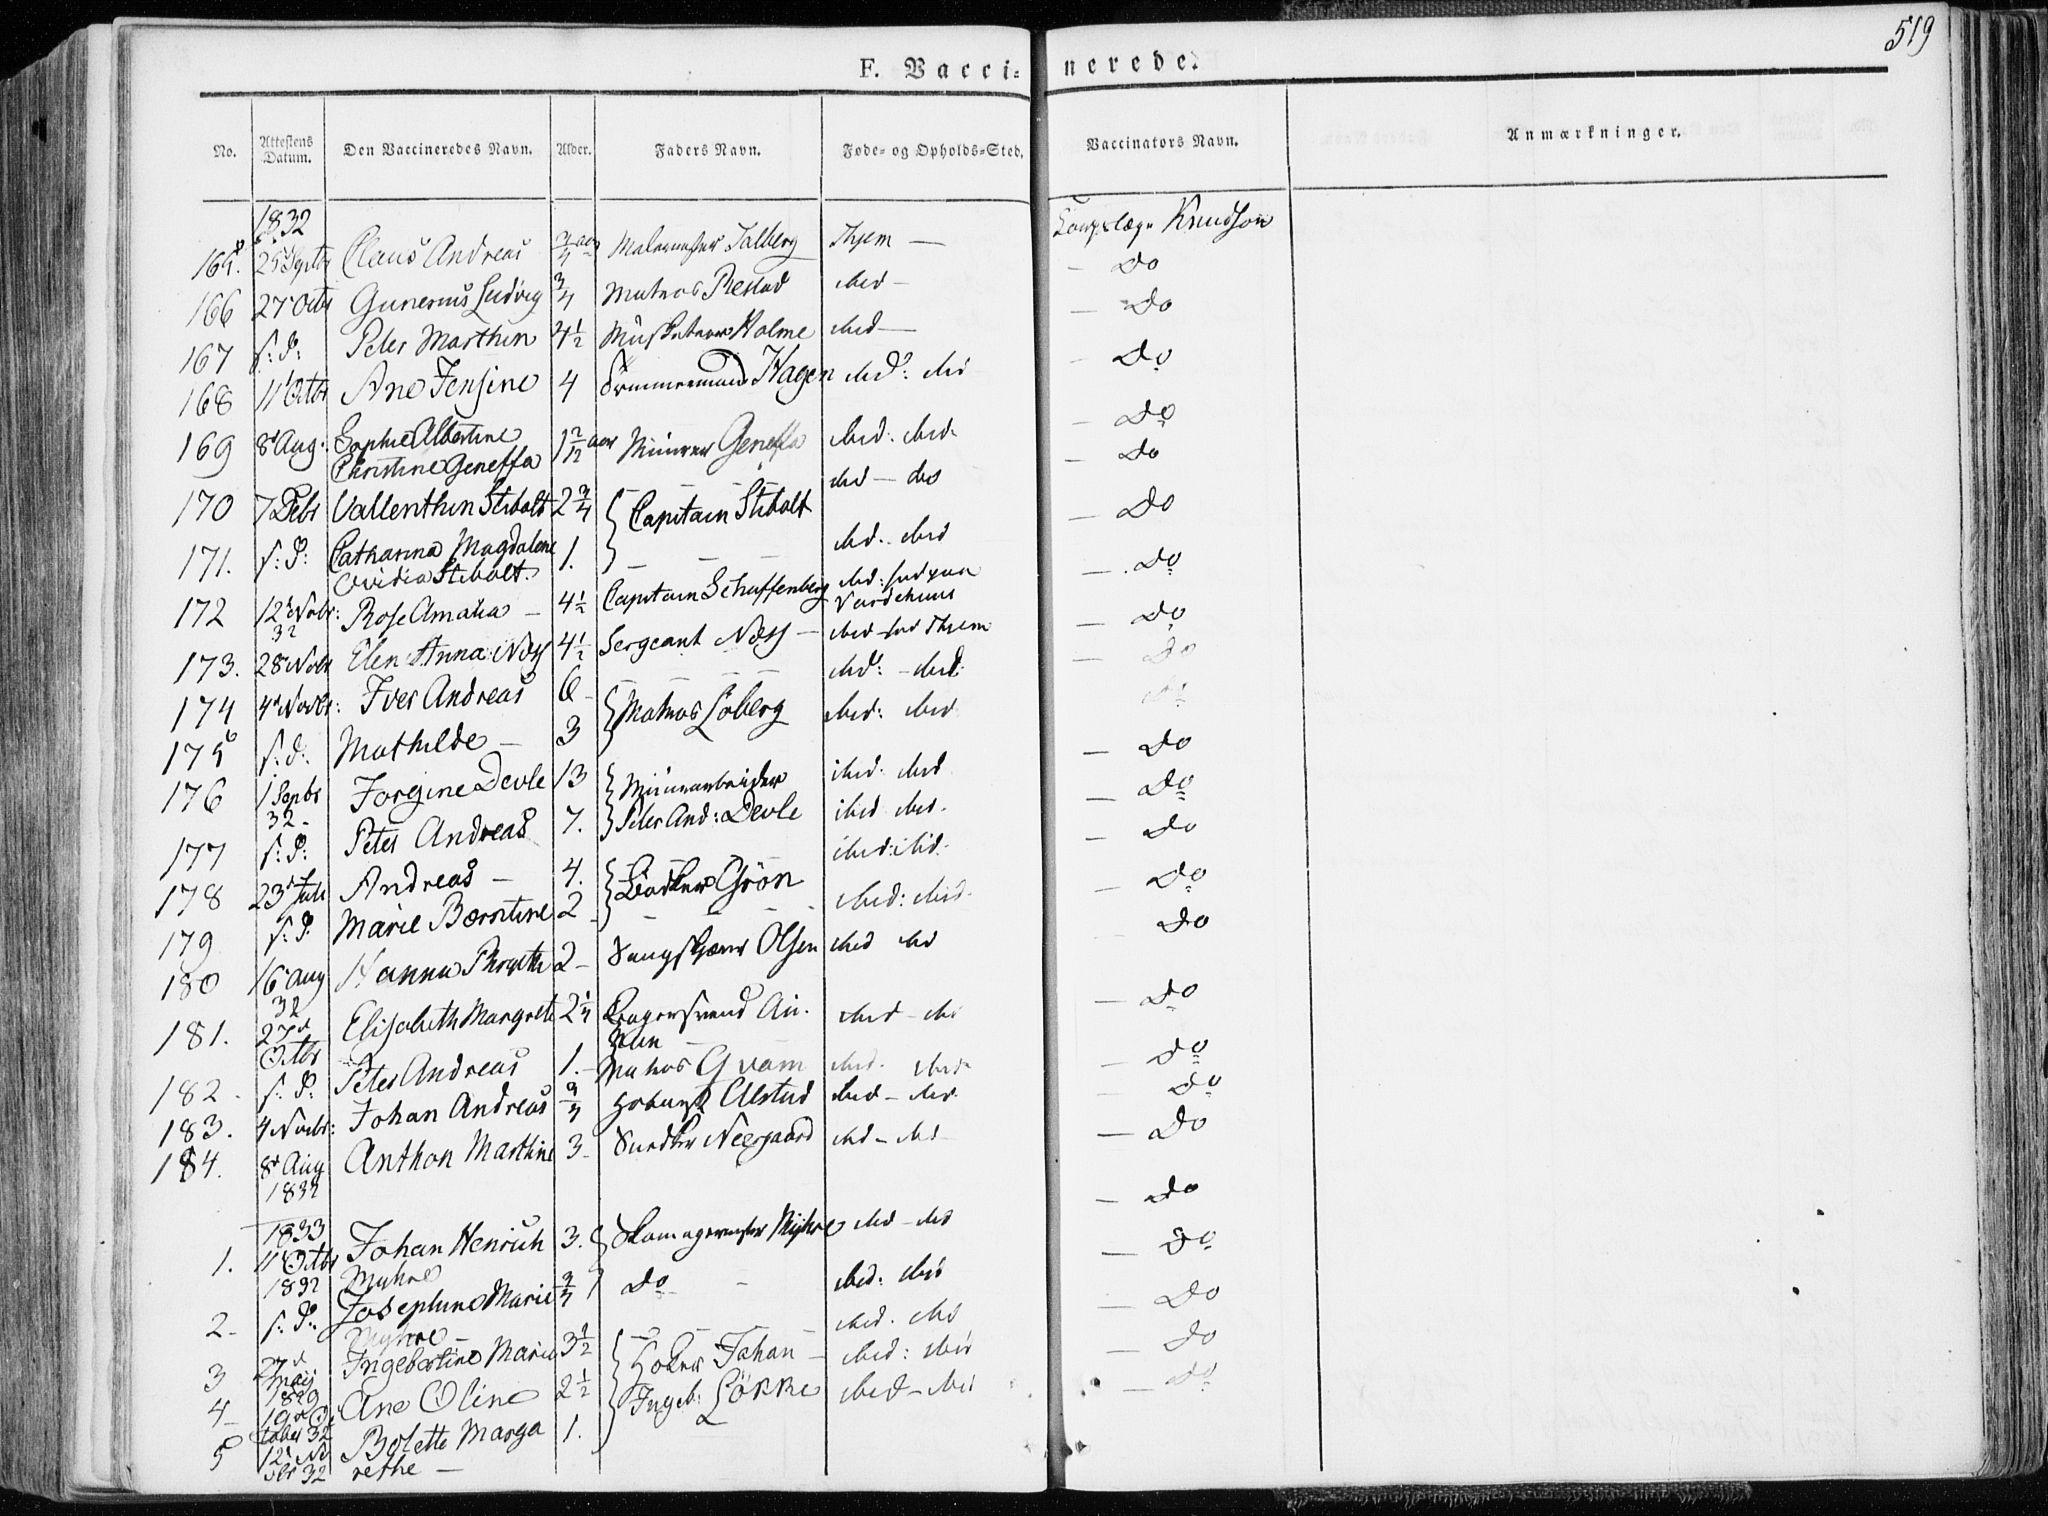 SAT, Ministerialprotokoller, klokkerbøker og fødselsregistre - Sør-Trøndelag, 601/L0047: Ministerialbok nr. 601A15, 1831-1839, s. 519